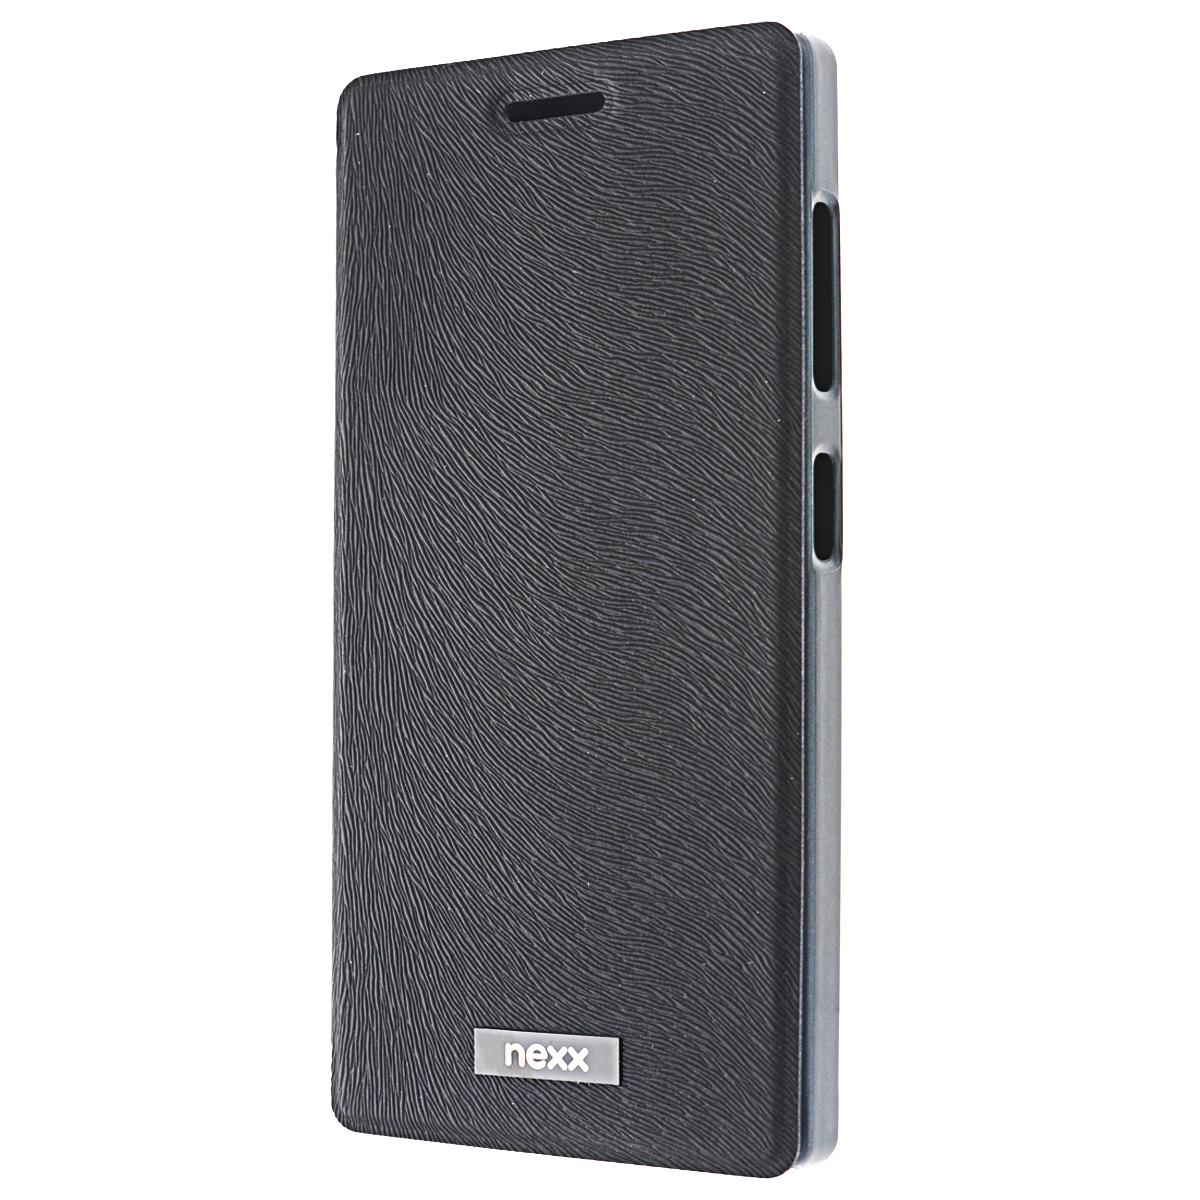 Nexx Marylebone чехол для Lenovo Vibe X2, BlackNX-MB-MR-703-BKЛегкий функциональный чехол Nexx Marylebone - это надёжная защита и яркий дизайн. Внешняя отделка из высококачественной эко-кожи делает чехол еще более привлекательным. Внутренняя подкладка из микрофибры предотвращает появление царапин на экране вашего телефона. Тщательно продуманная конструкция чехла обеспечивает полный доступ ко всем функциям устройства.